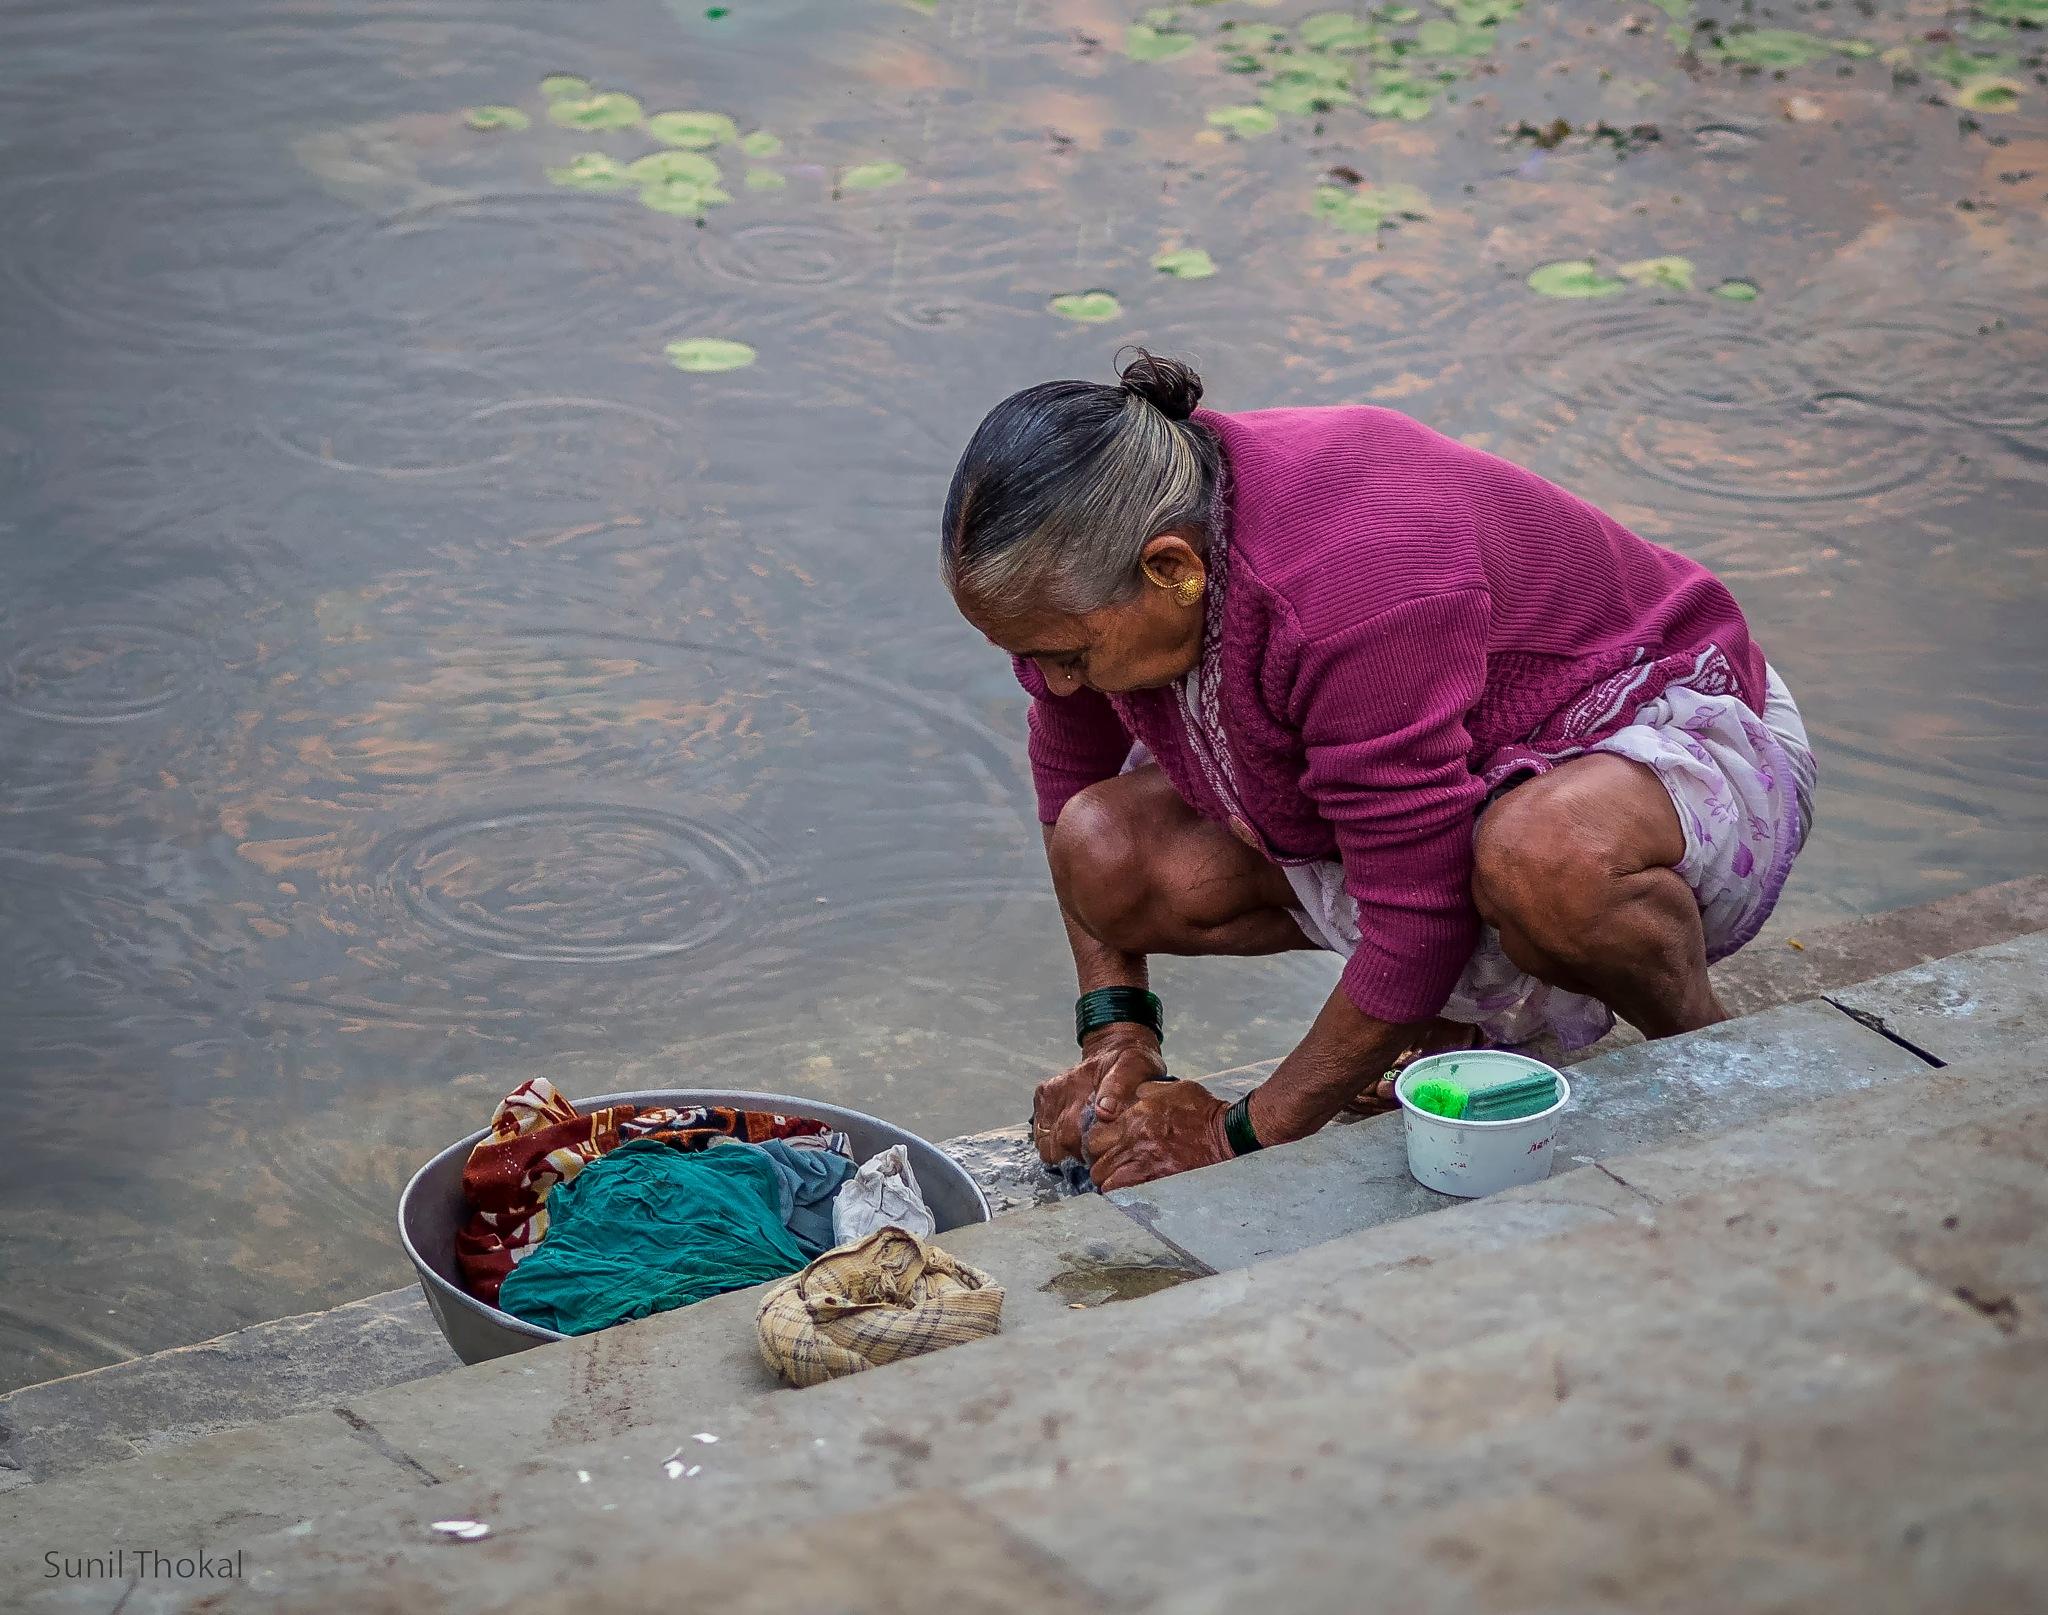 Washing by Sunil Prabhakar Thokal